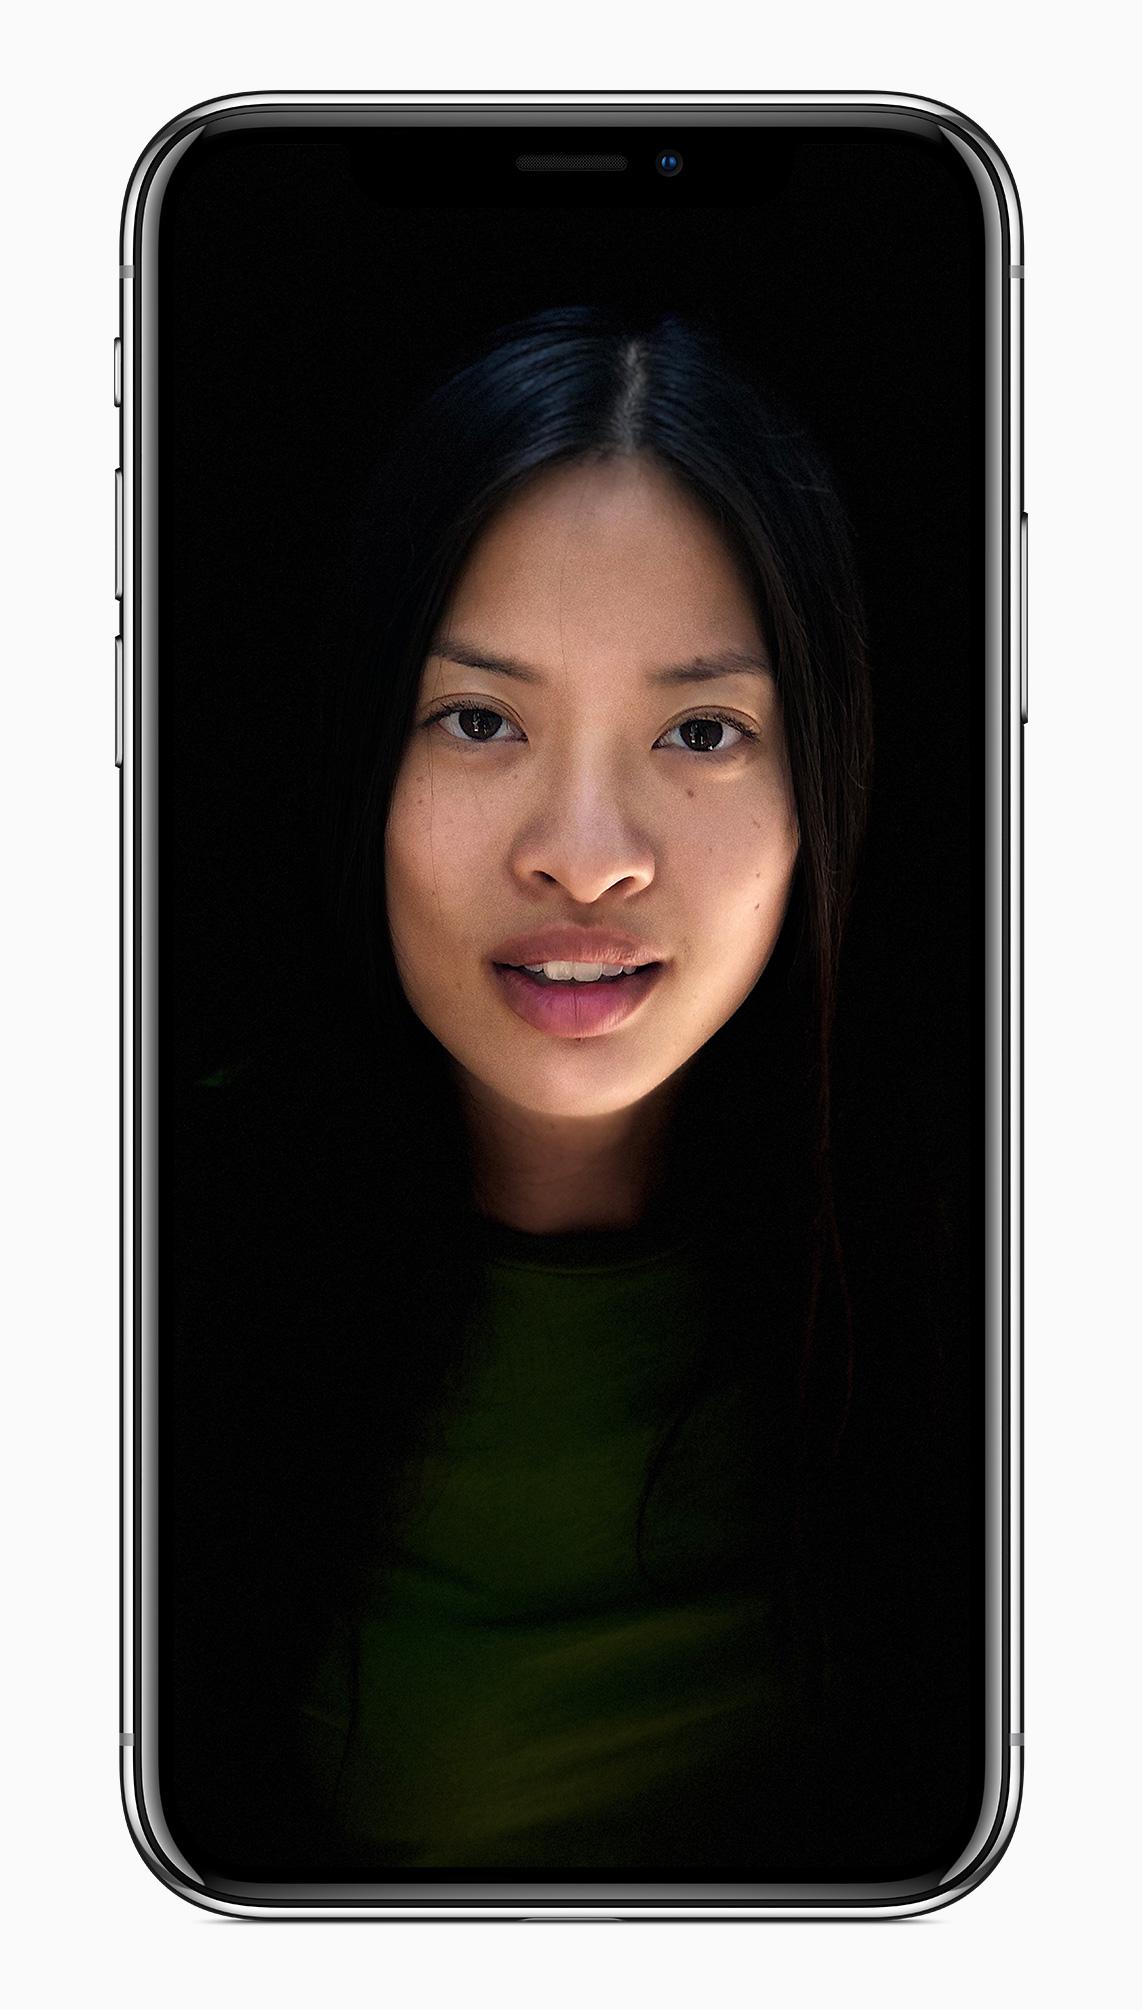 портретная фотосъемка в каком айфоне есть разделе молодежной группы